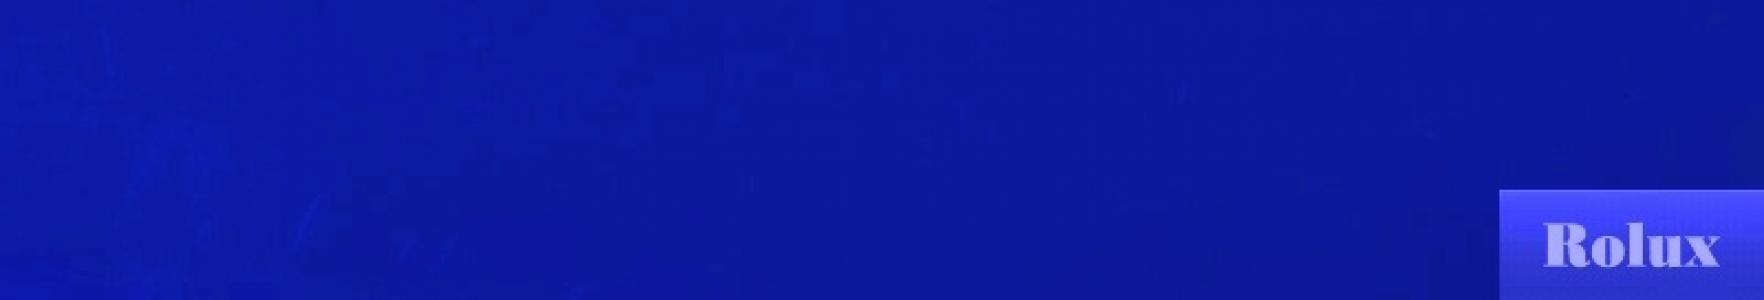 33 Světle modrá